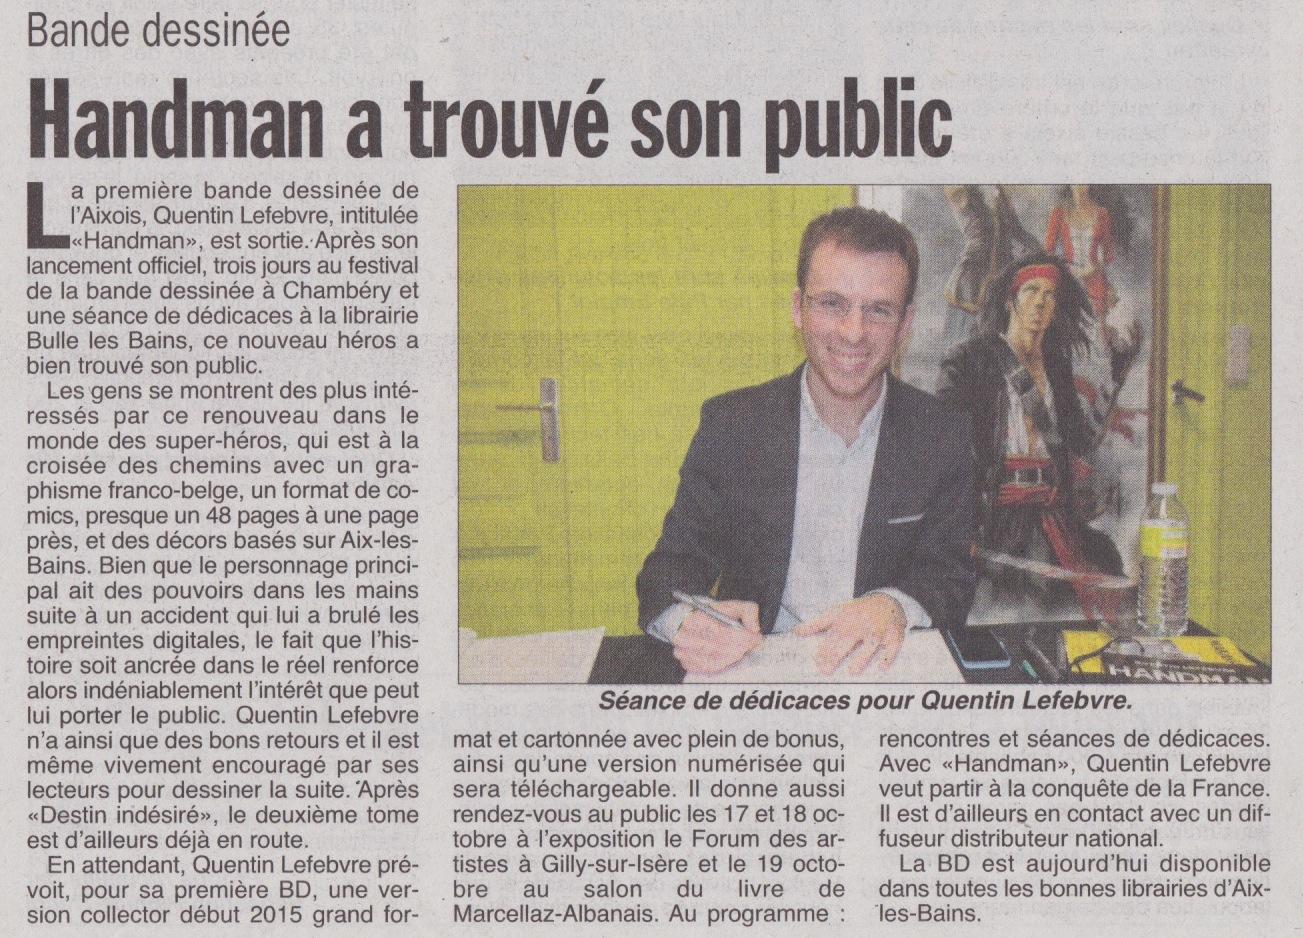 article de journal-l'hebdo des savoie du 16octobre2014 parle de handman